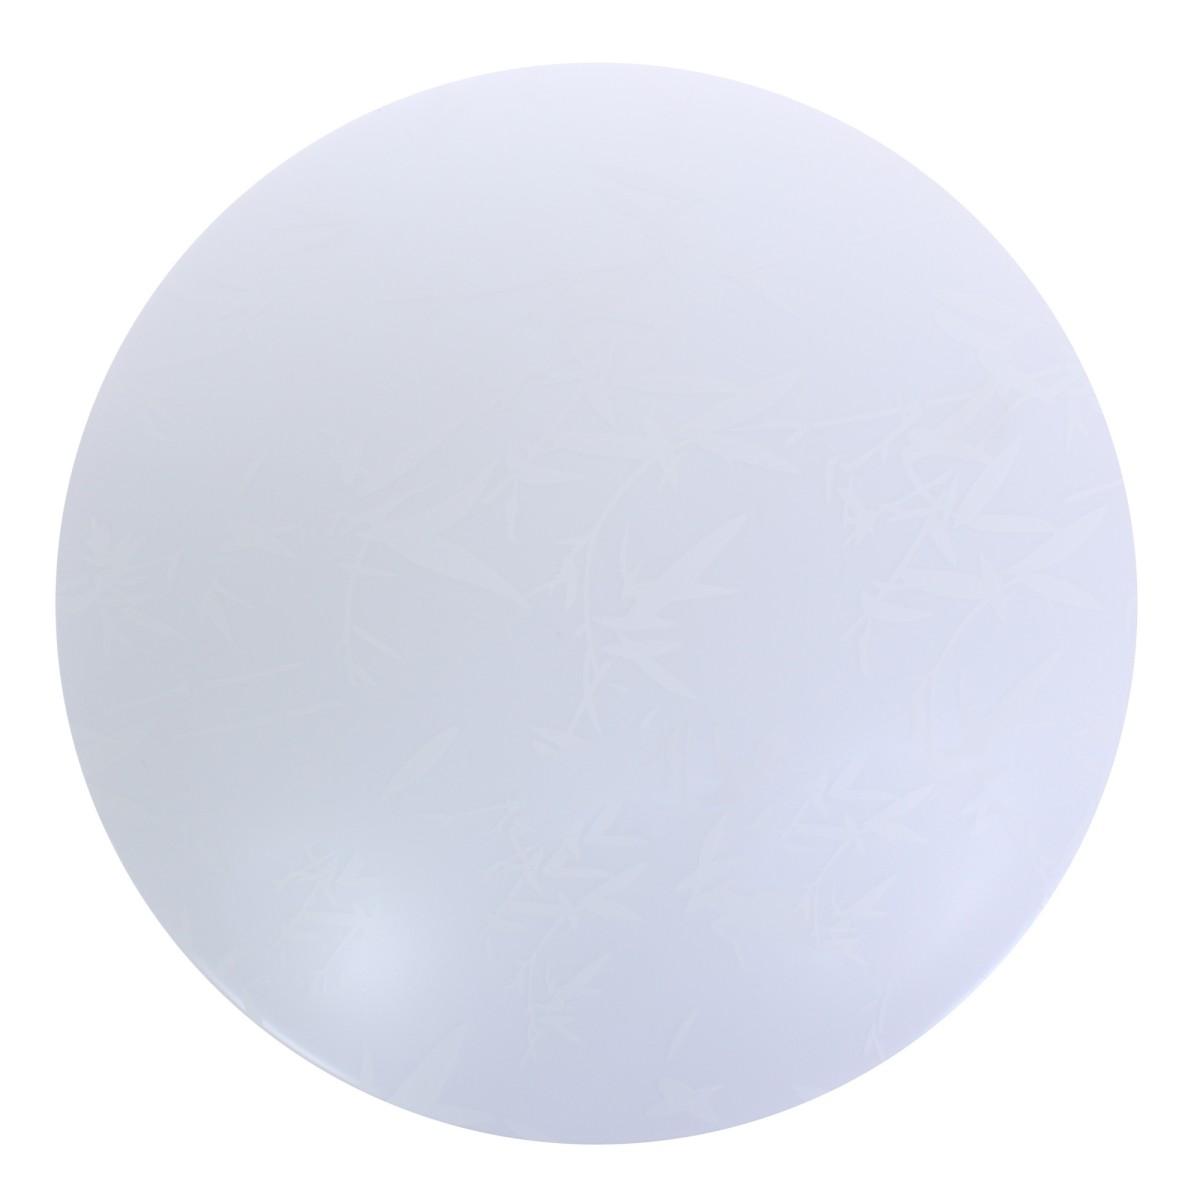 Настенно-потолочный светильник светодиодный Jungle C07LLS 12 Вт 780 Лм свет нейтральный